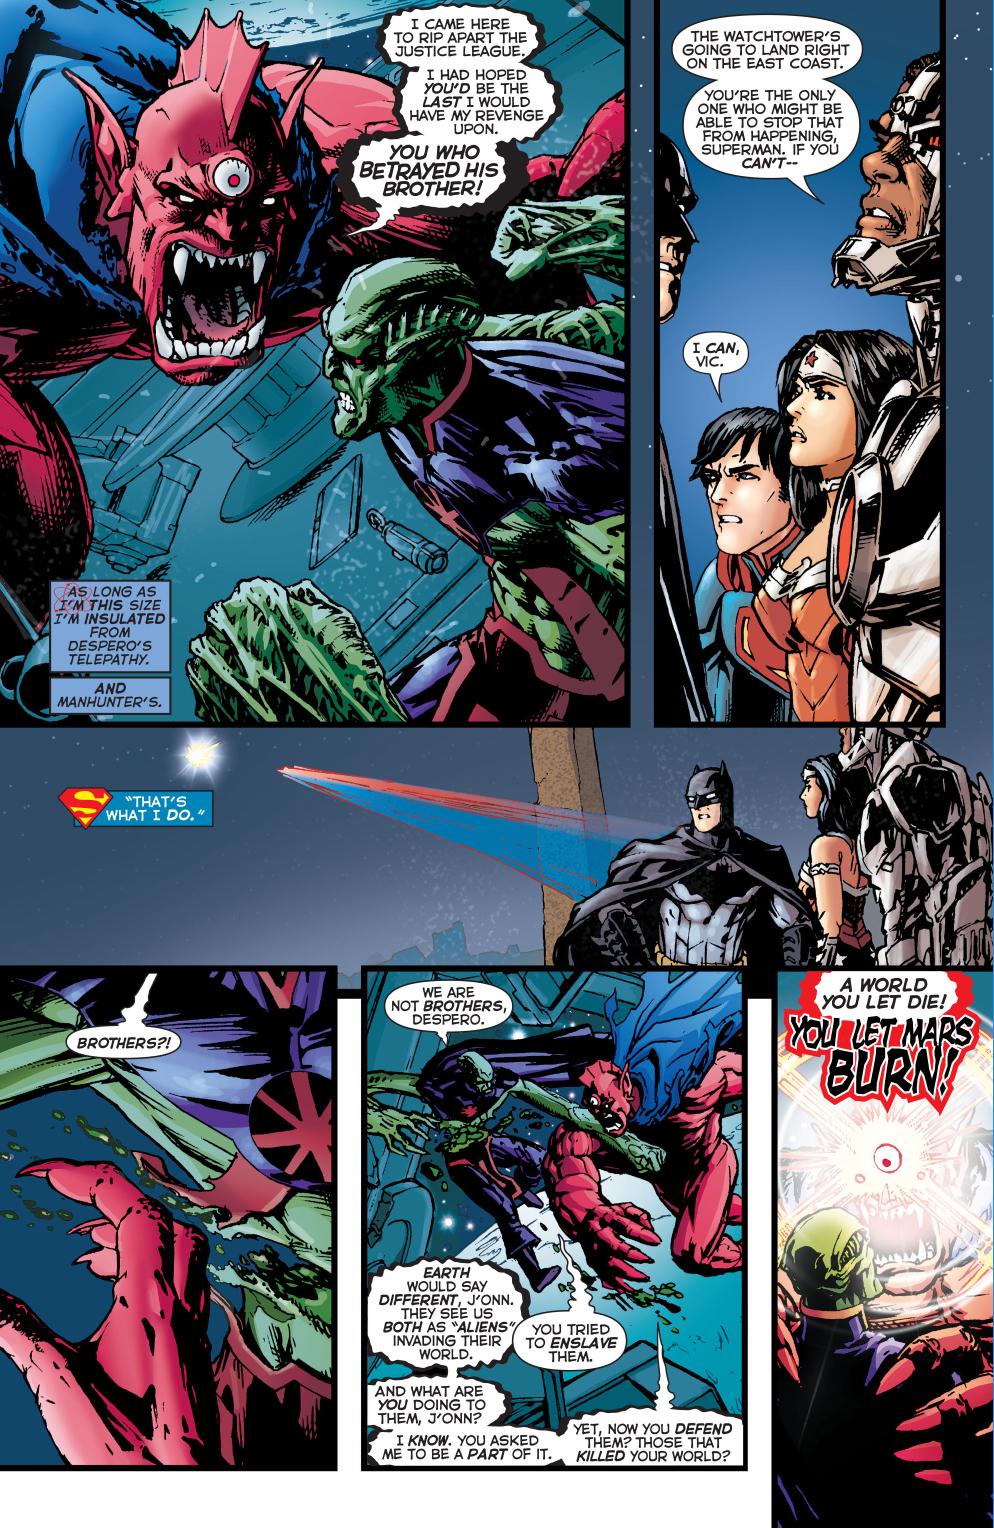 Martian manhunter vs batman